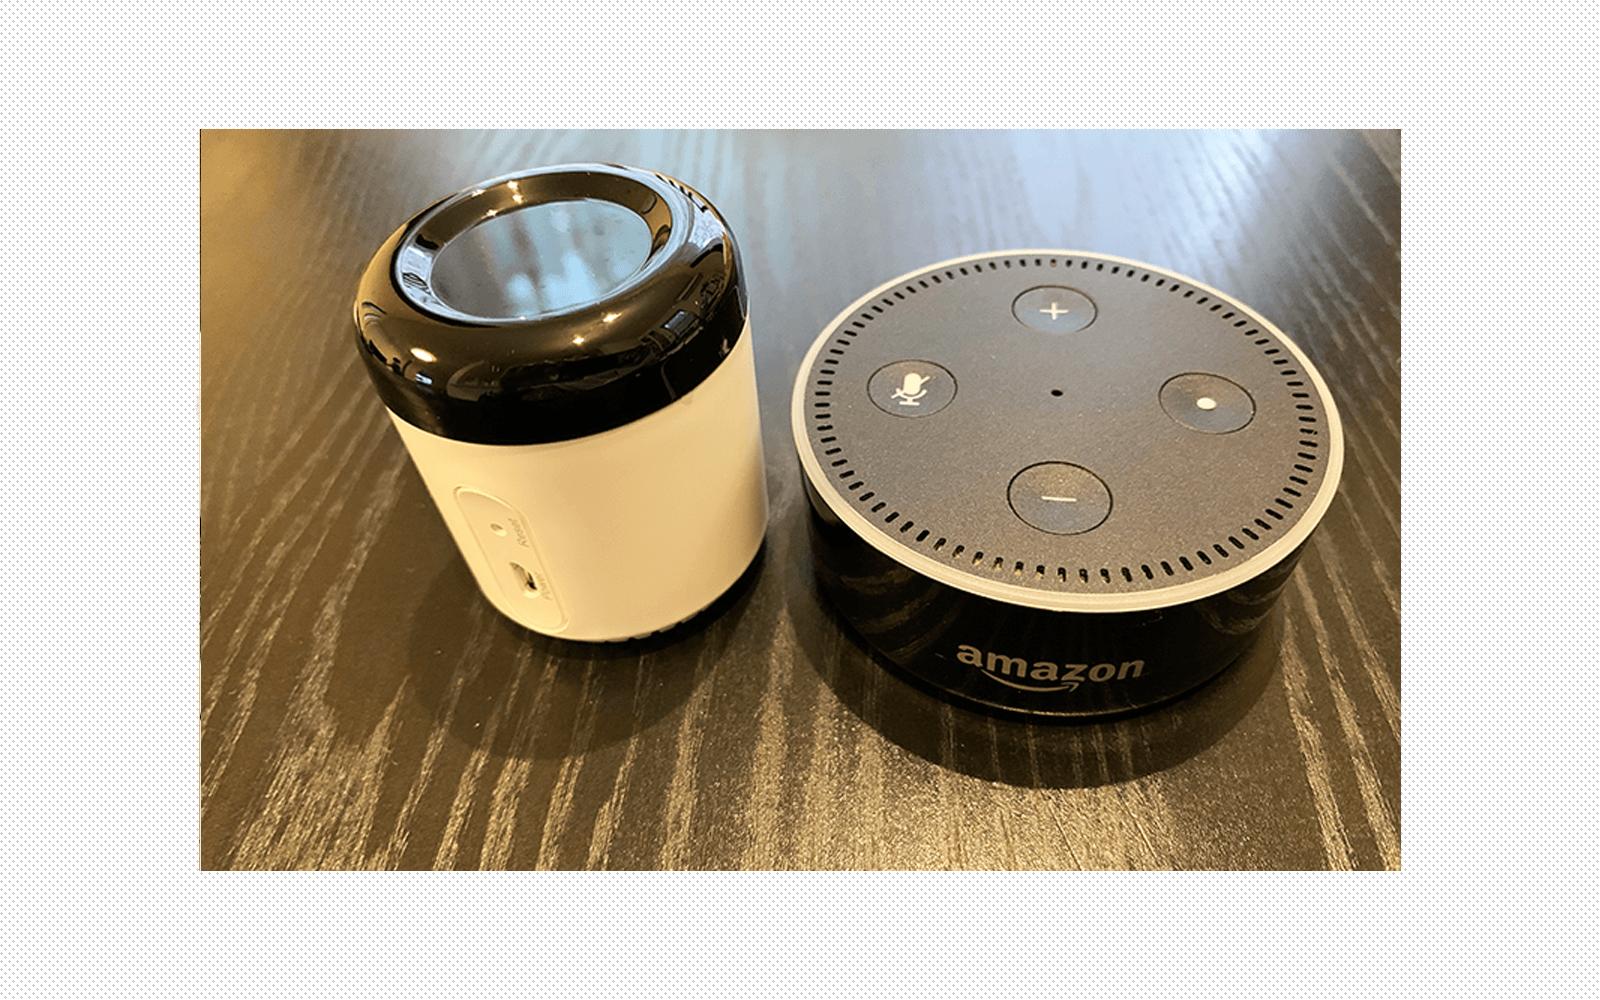 アマゾンエコー(Alexa)とスマートリモコン(eRemote mini IoTリモコン)のアダプターをまとめたい。 Anker PowerPort mini(12W 2ポート USB急速充電器)で解決。